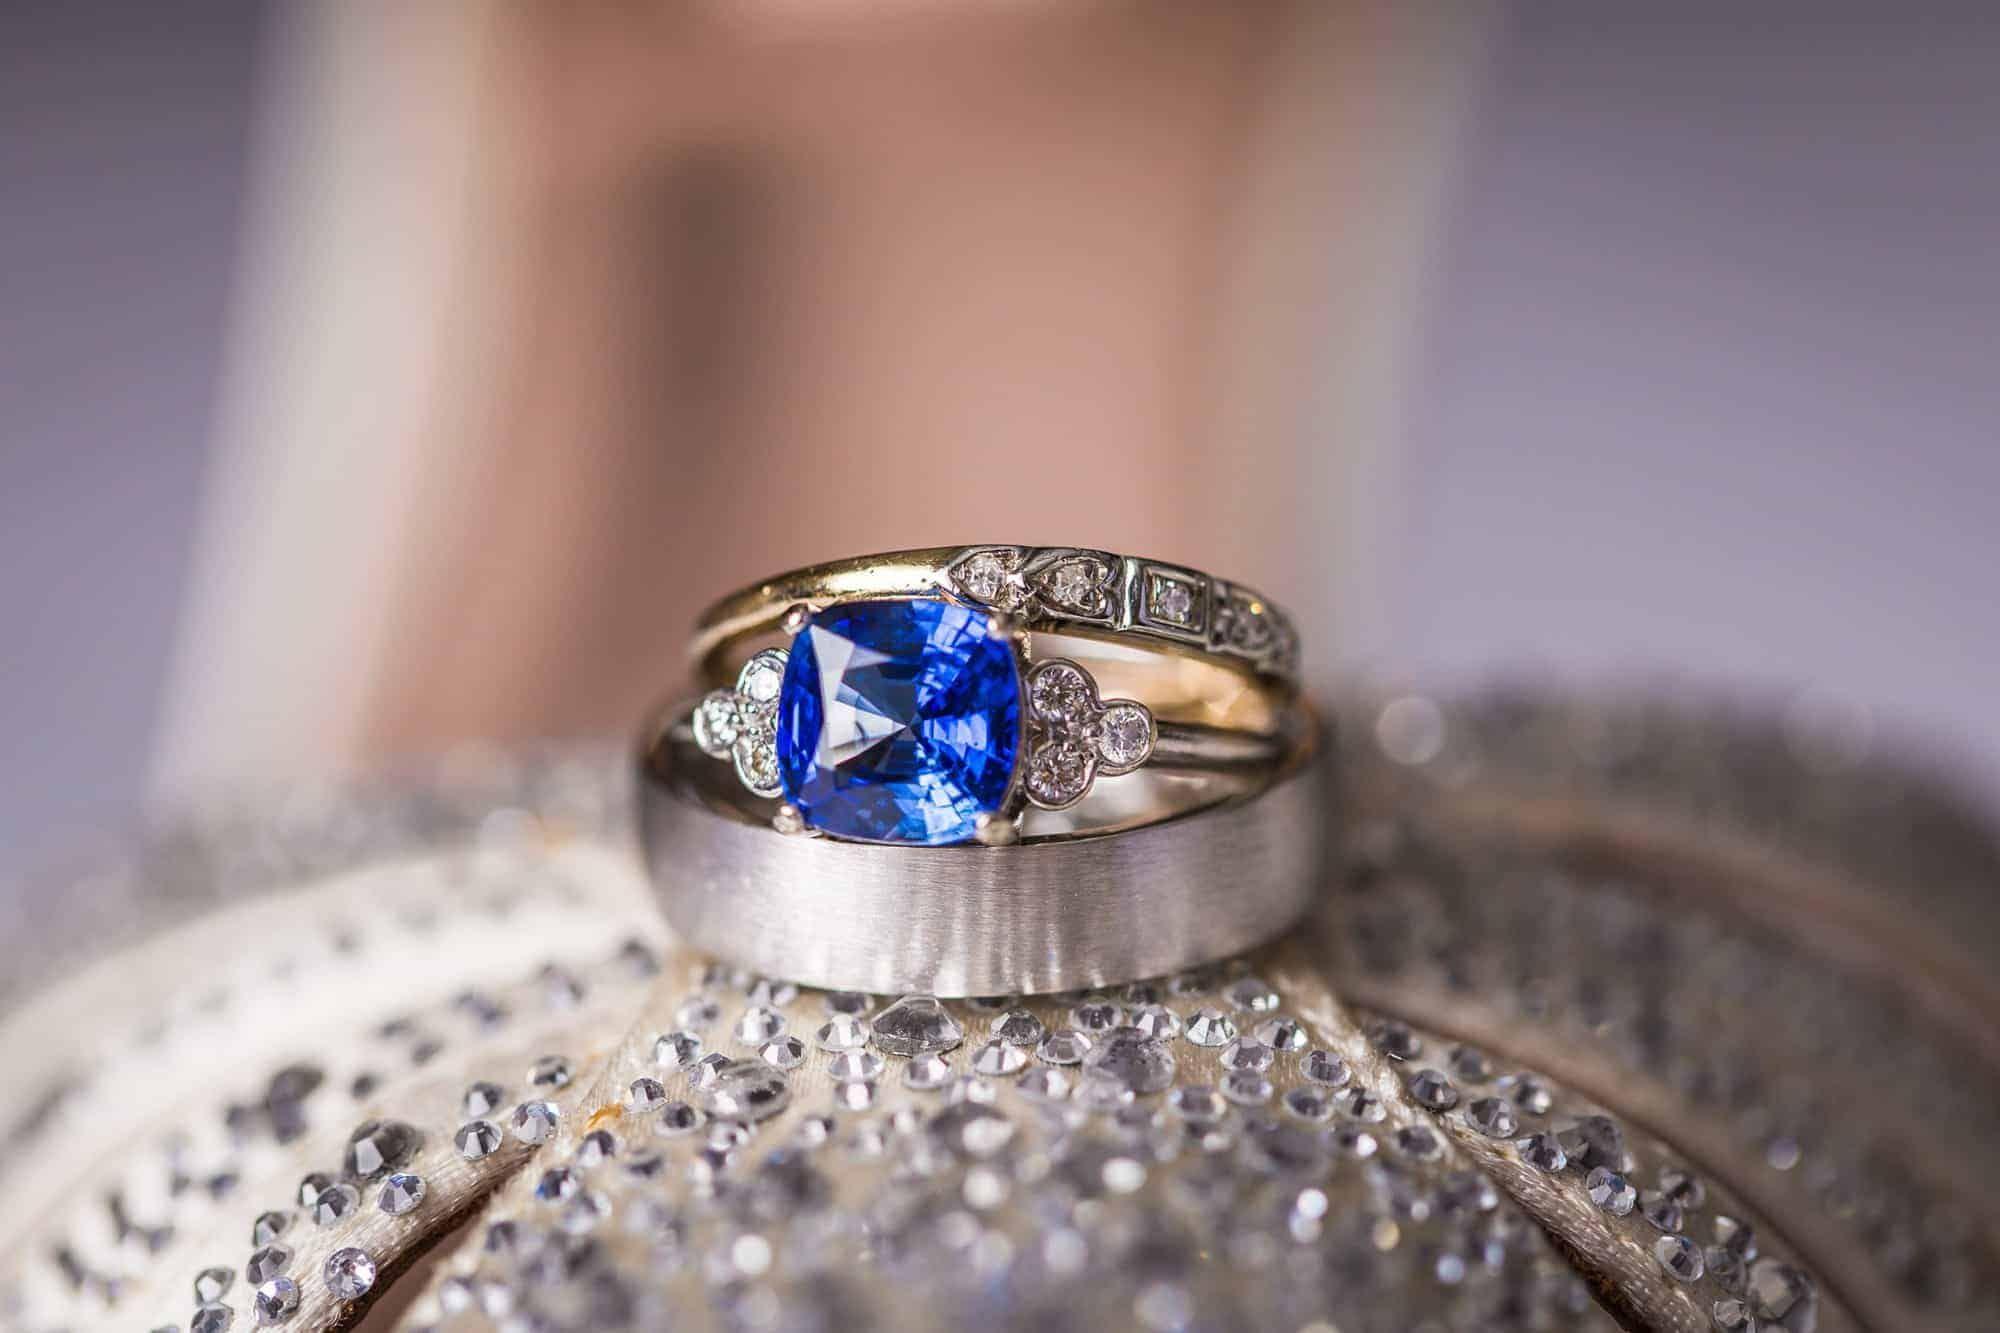 بالصور خواتم خطوبة بأحجار ملونة للعروس العصرية Wedding Ring Photography Rings Ring Shots